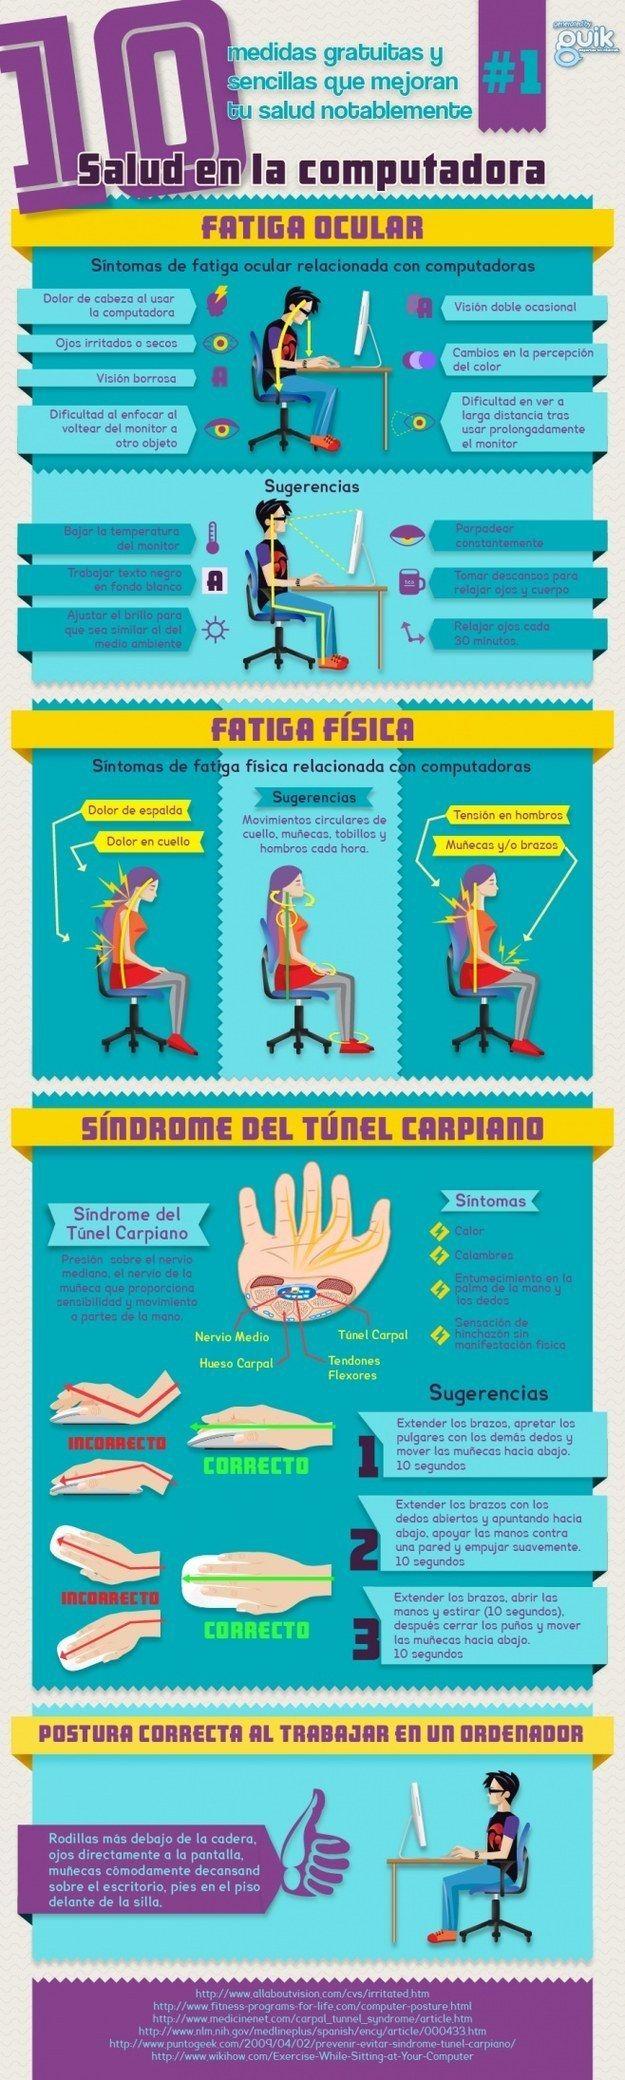 Infografía esencial para las personas que tienen un trabajo de oficina.